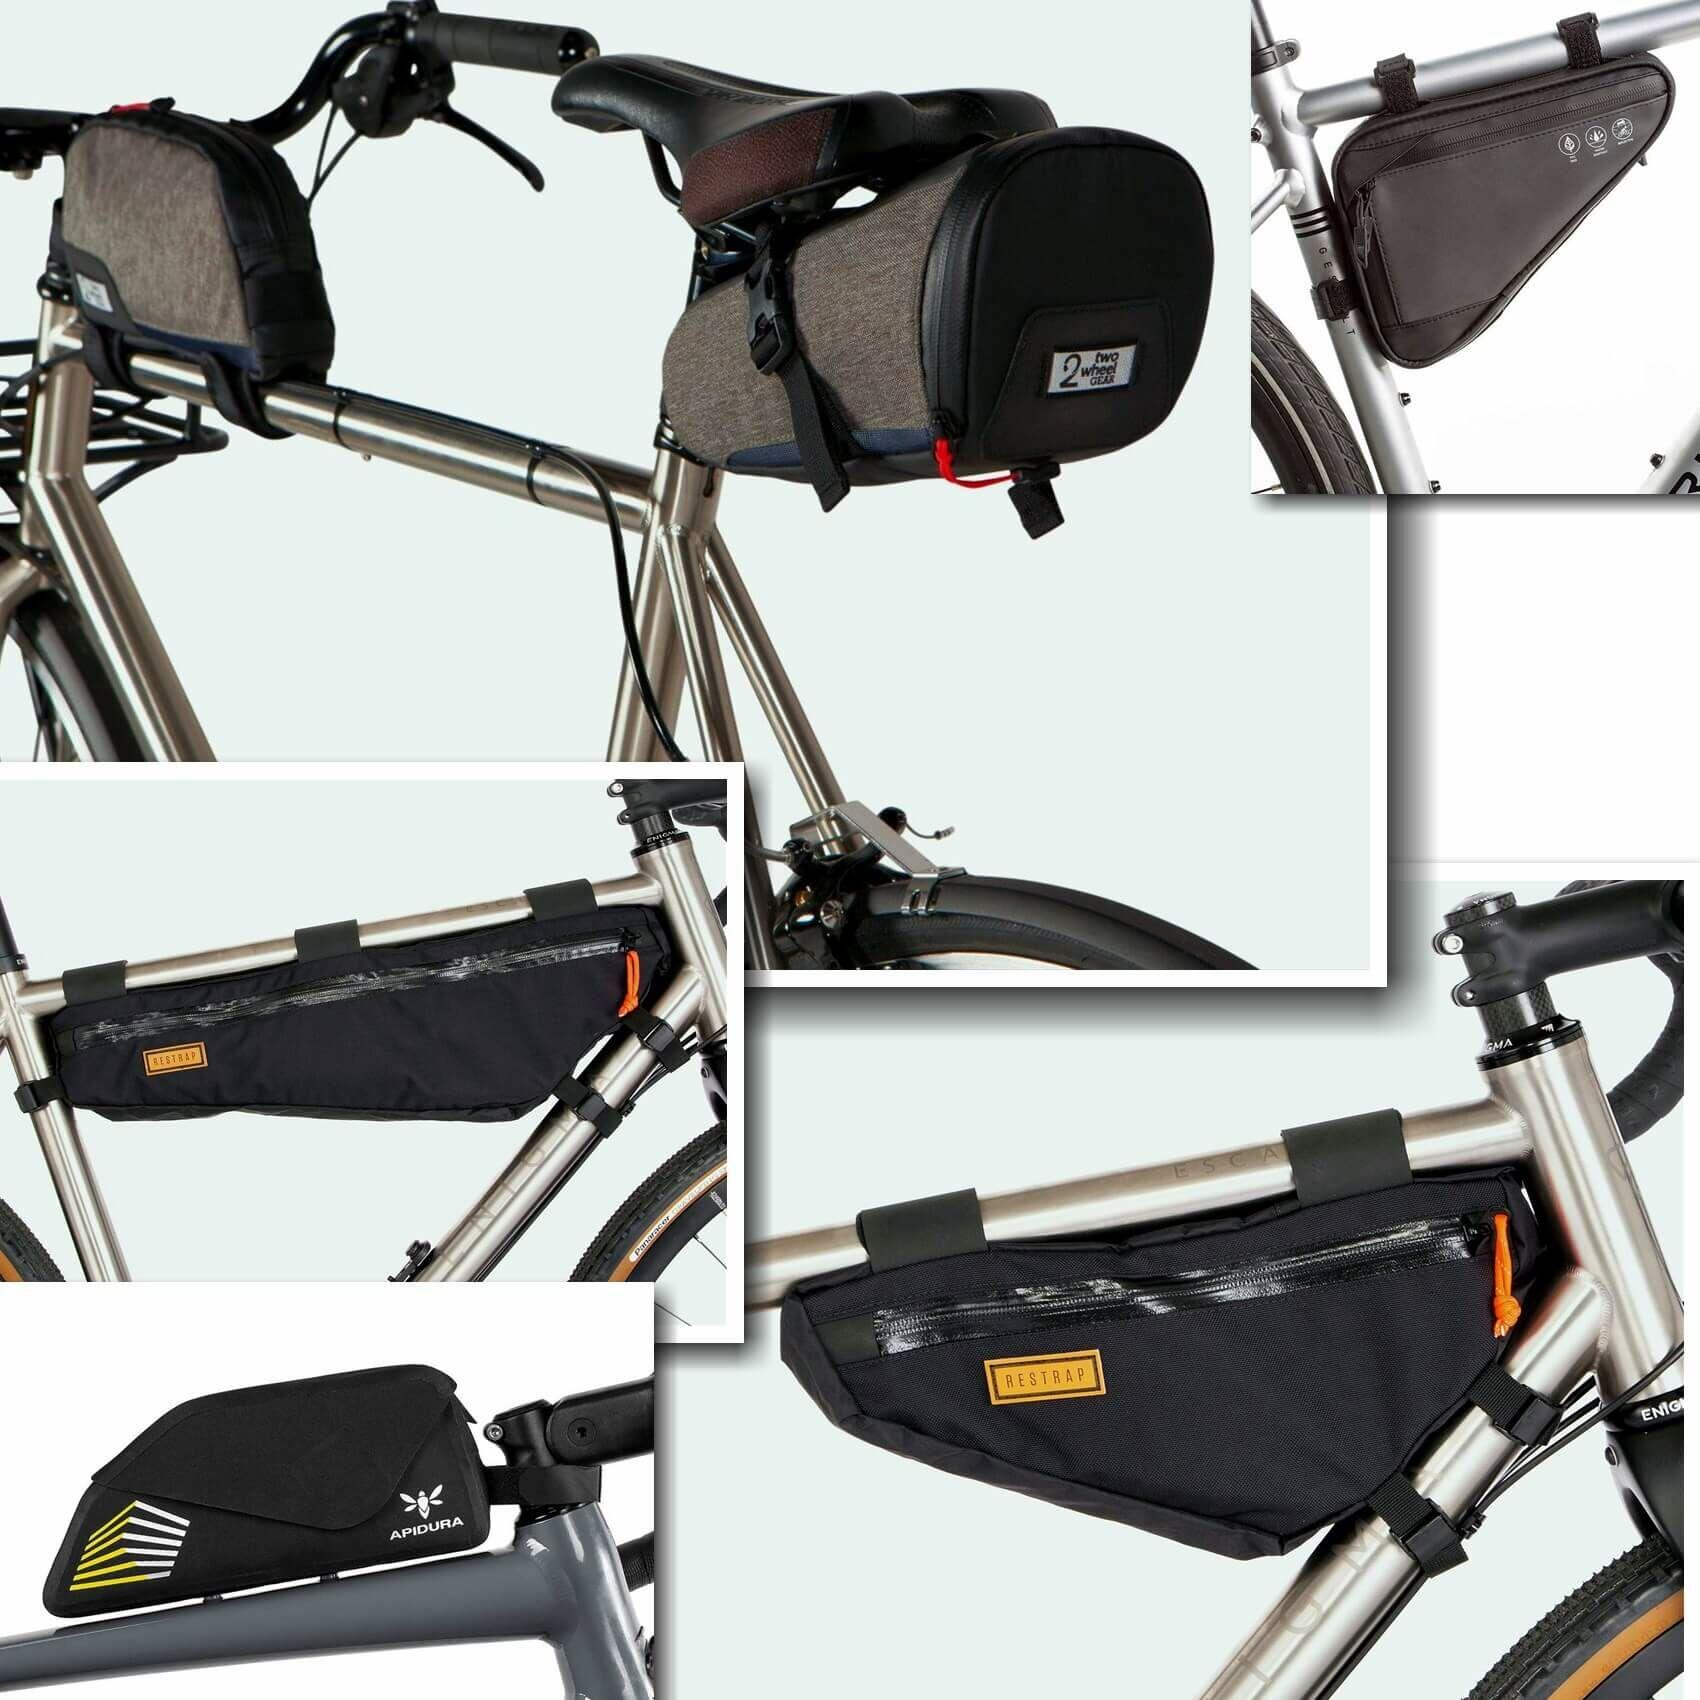 4k_bikepacking túra közlekedés mibe pakold a cuccot a kerékpáron, melyik táska hova és mire való